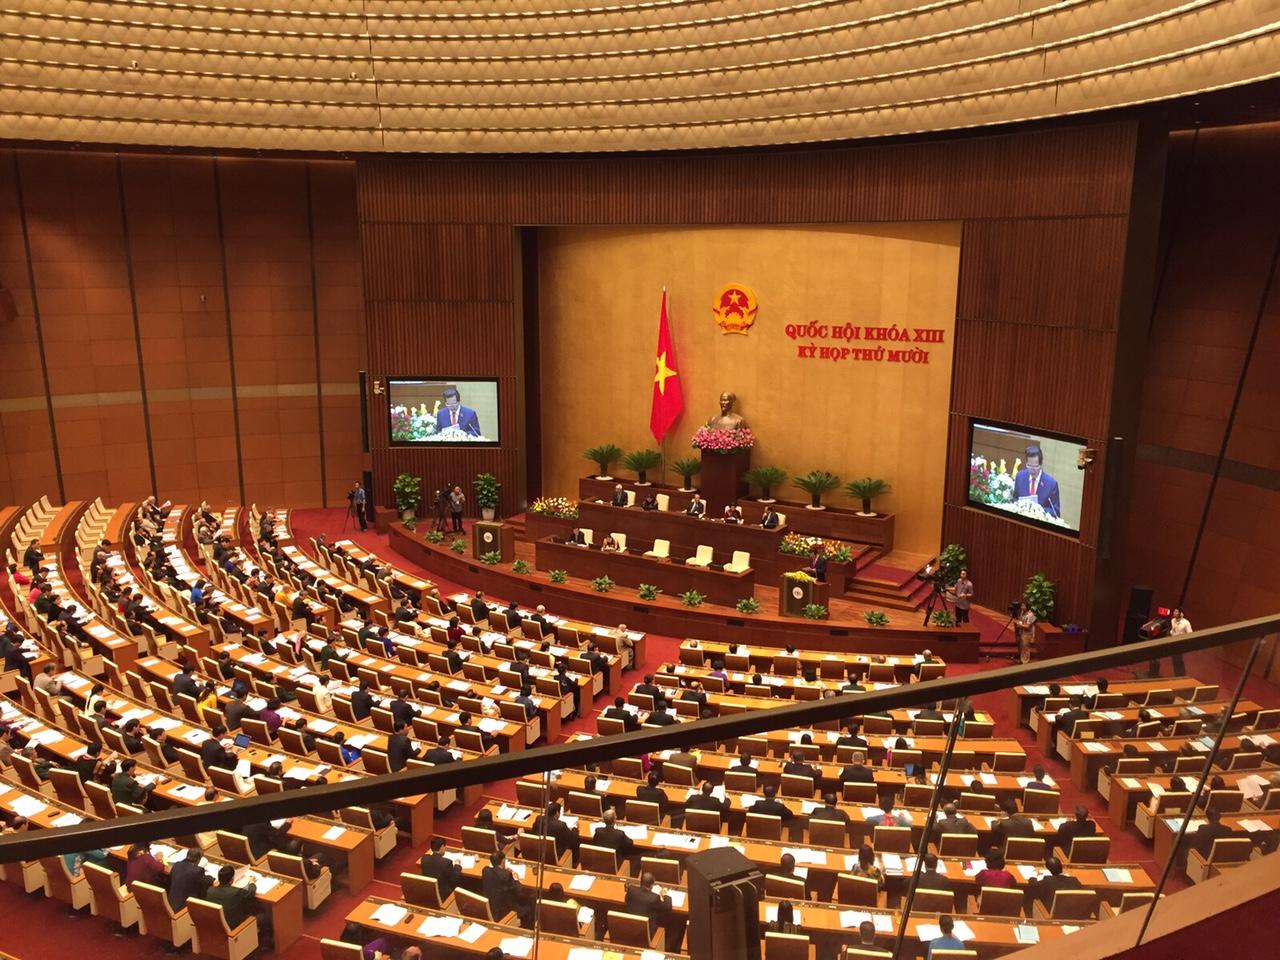 La Embajada de Colombia asistió a la inauguración del 10° periodo de sesiones parlamentarias de Vietnam, XIII Legislatura